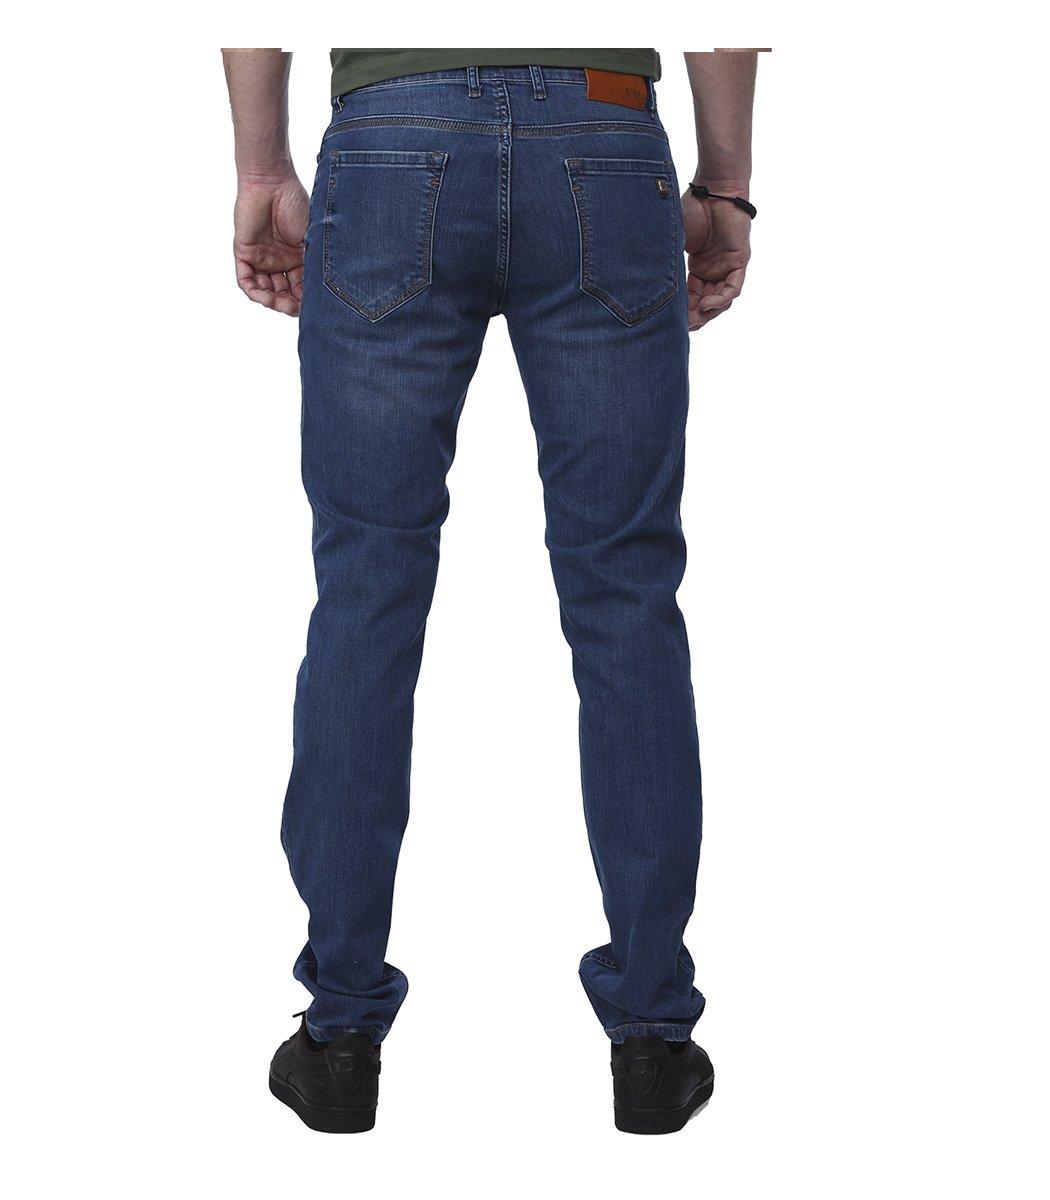 Синие джинсы Hugo Boss 9113